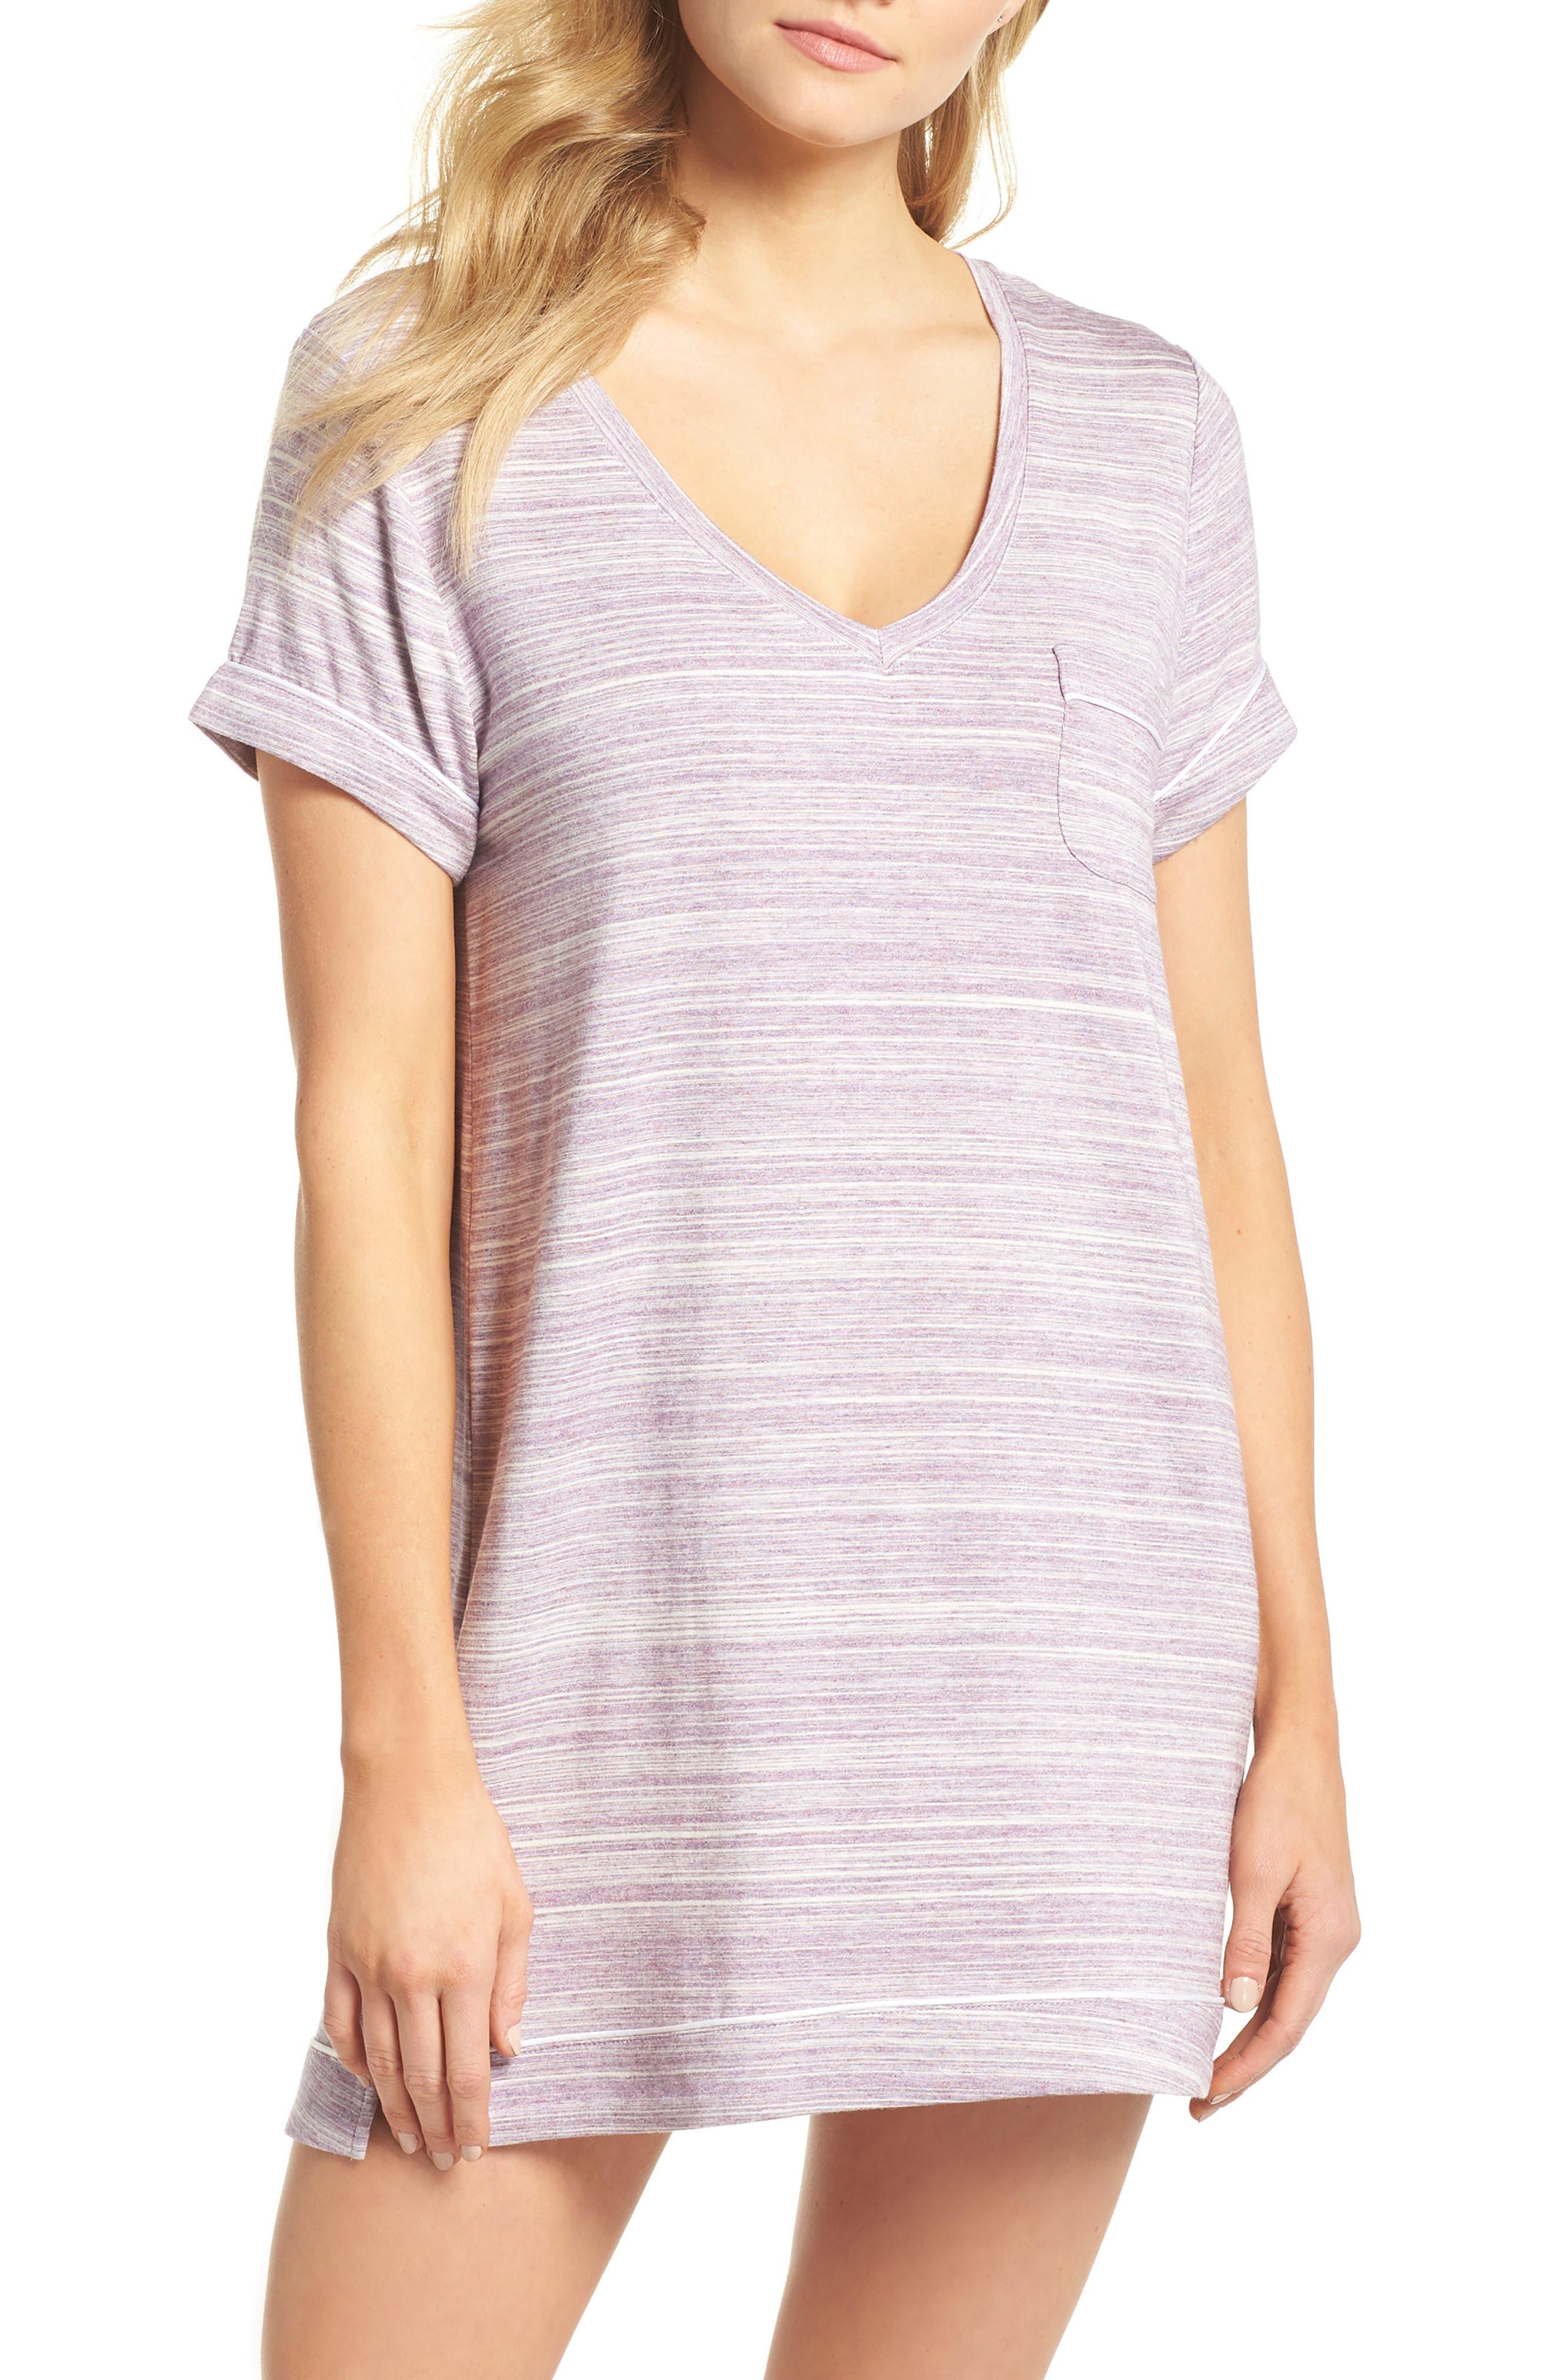 Moonlight Sleep Shirt,                             Main thumbnail 1, color,                             Purple Spacedye